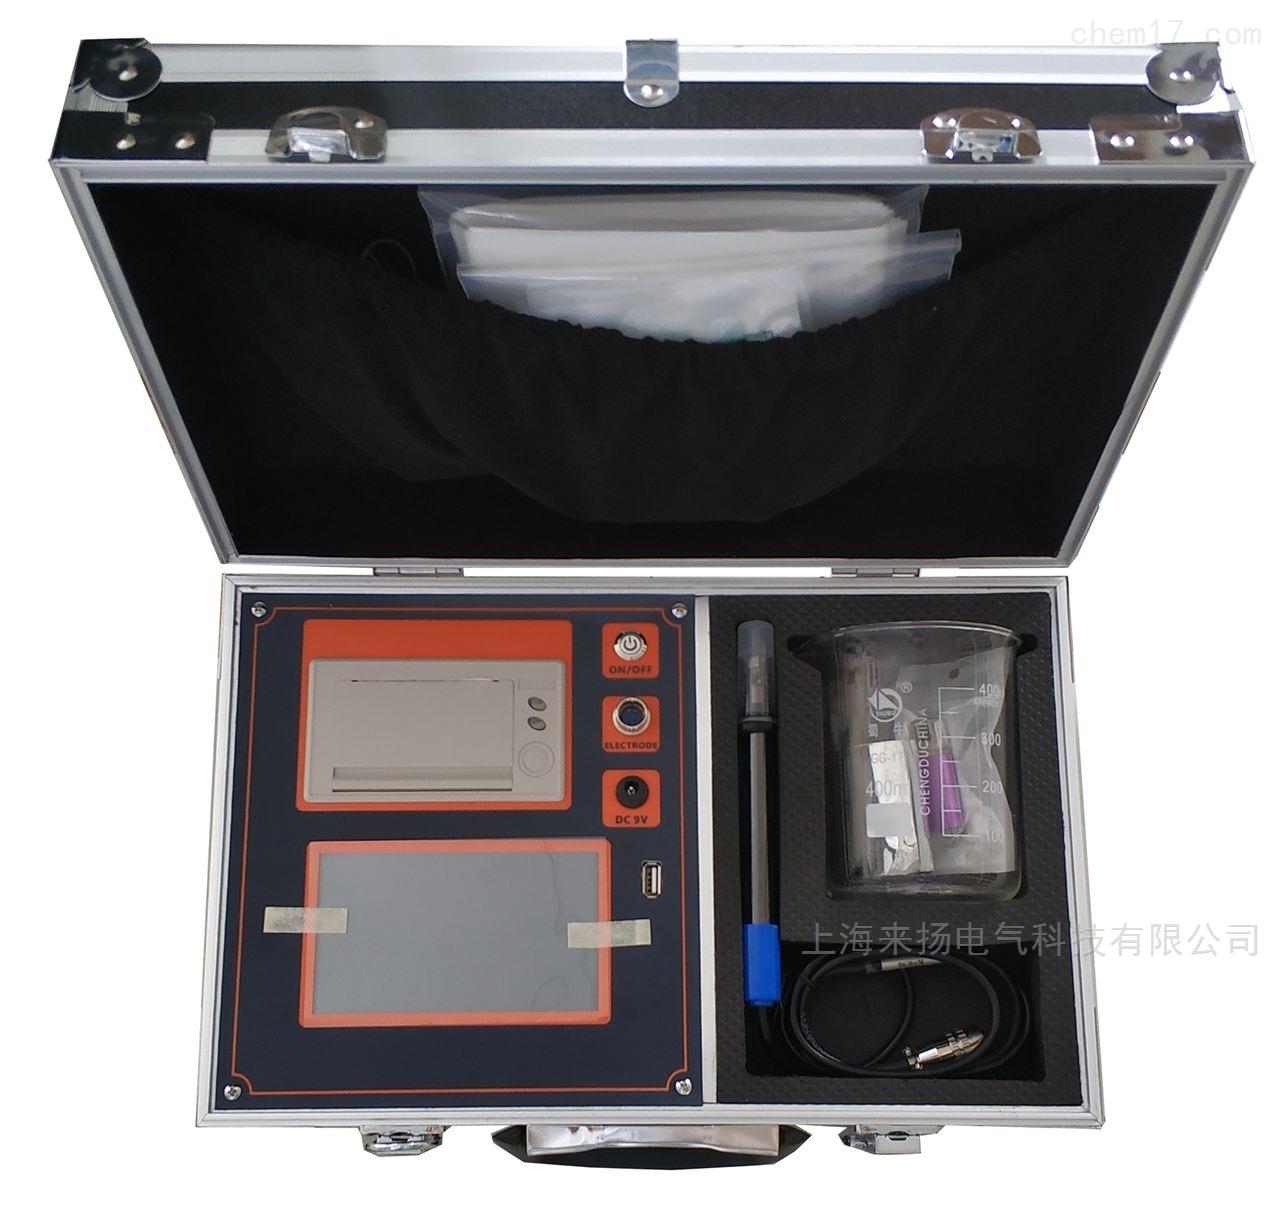 触摸屏直读式盐密度测试仪